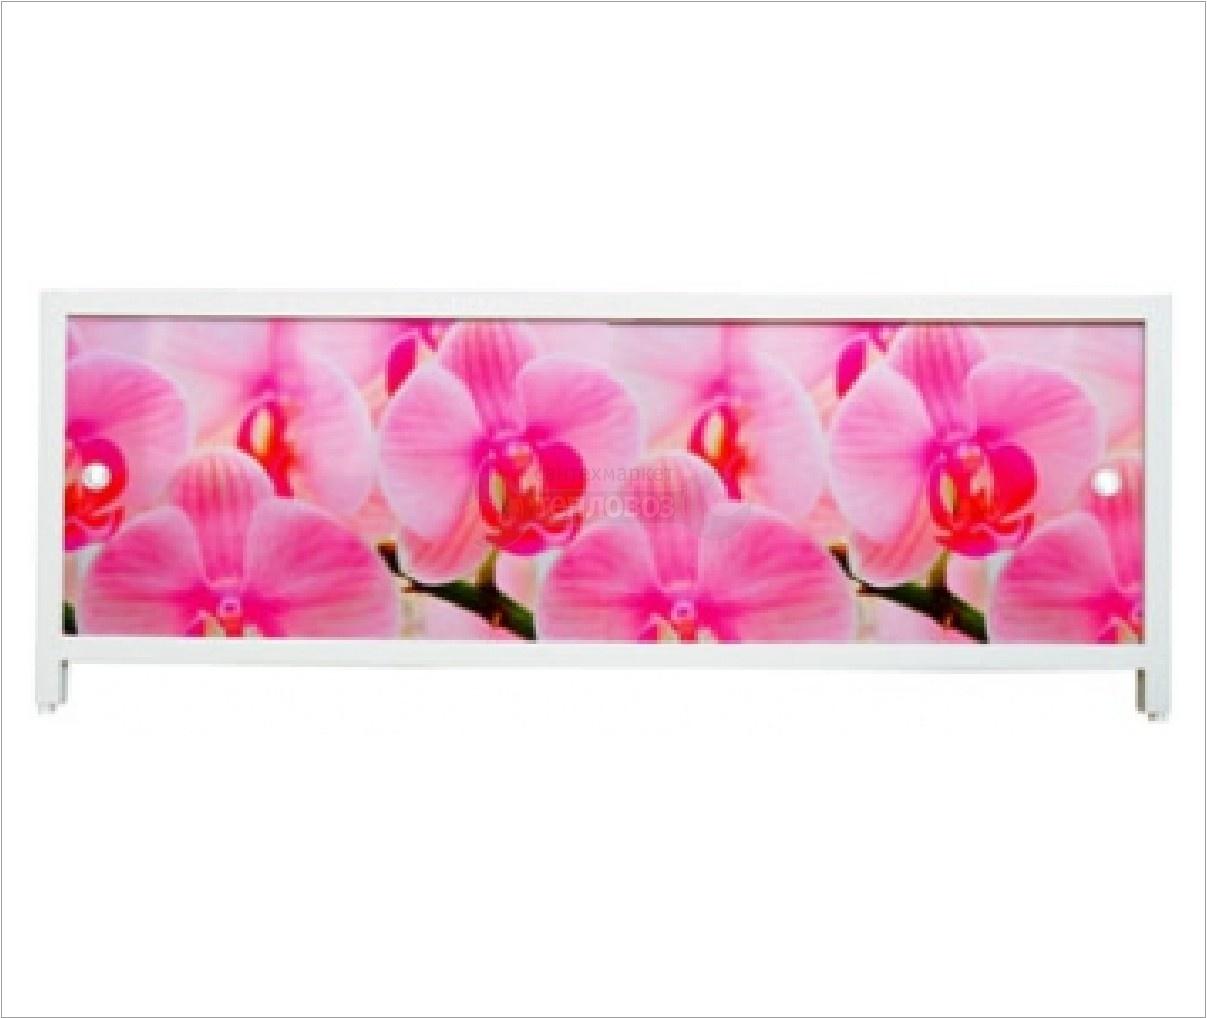 Метакам Ультра-Легкий АРТ 168 см, дикая орхидея